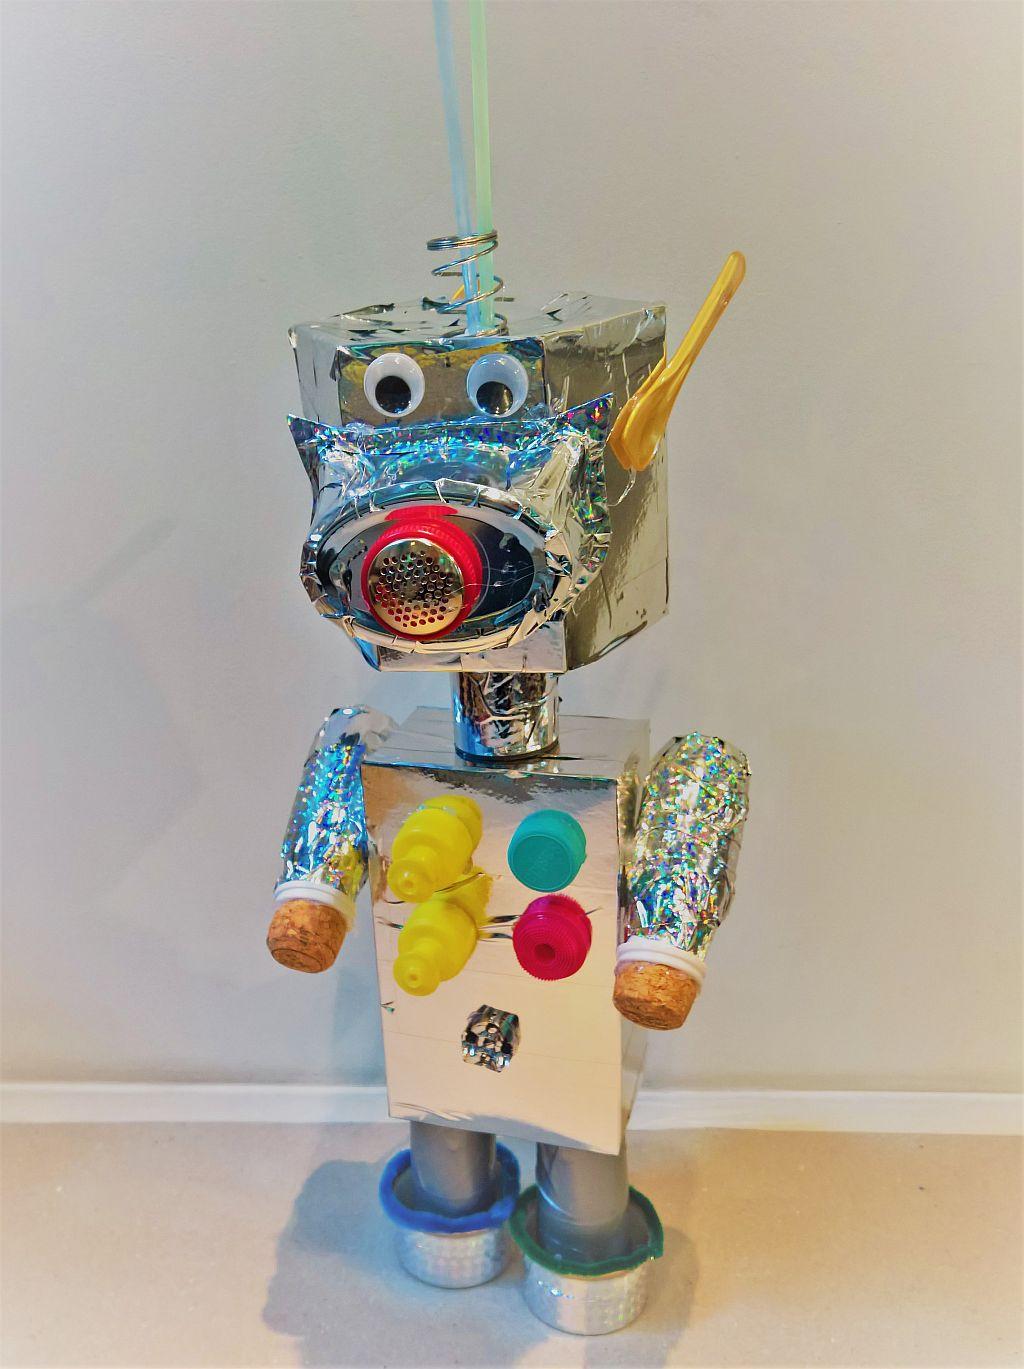 Die Invasion der Verpackungs Aliens, Roboter und Ufos